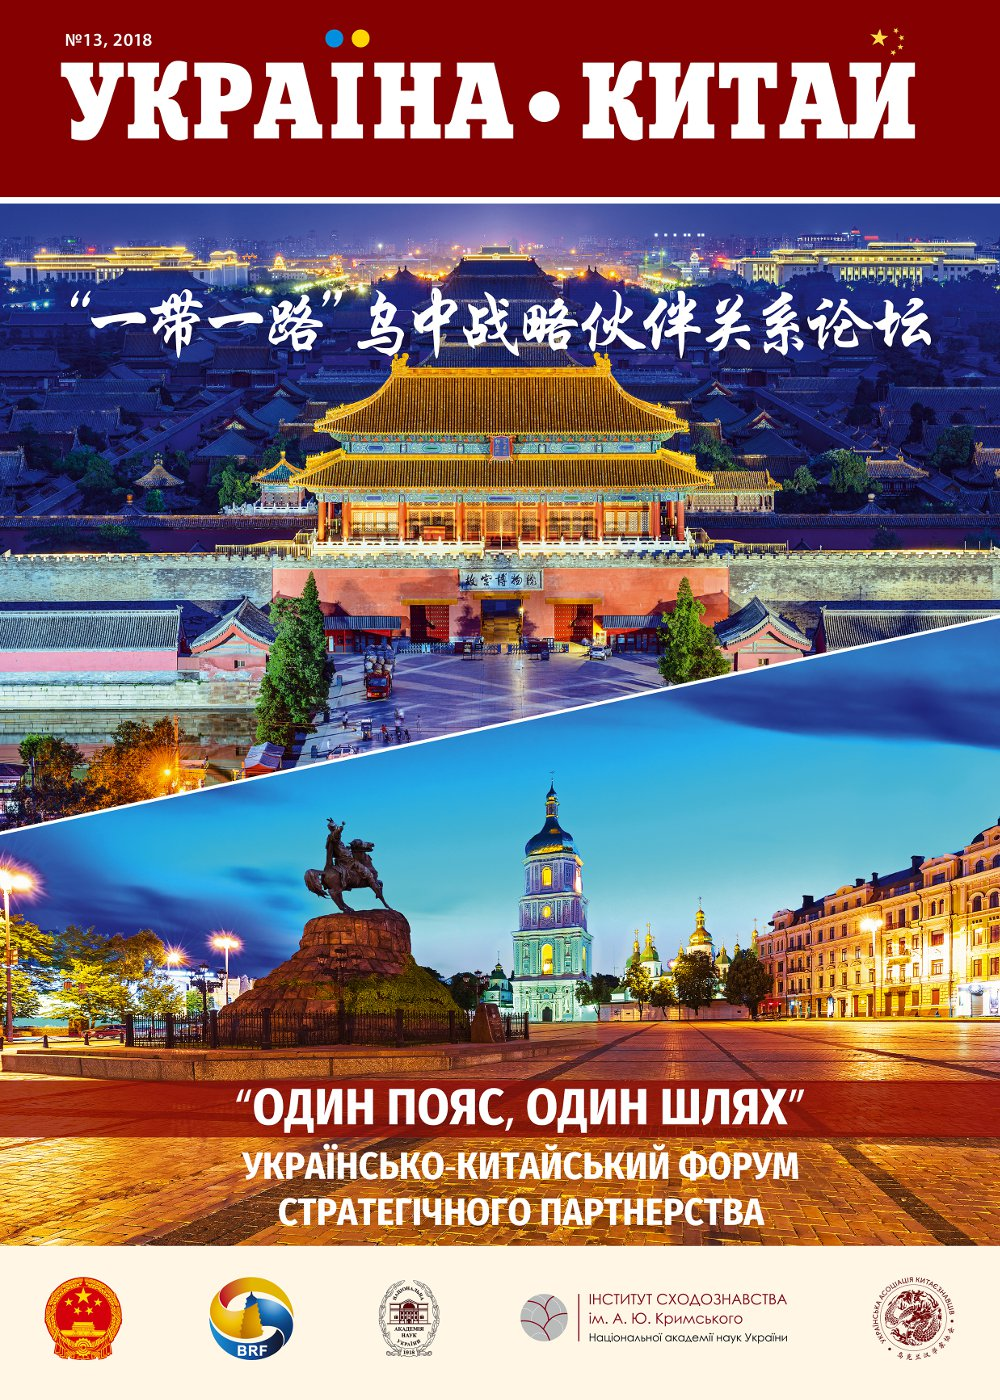 Ukraine-China 2018, 13